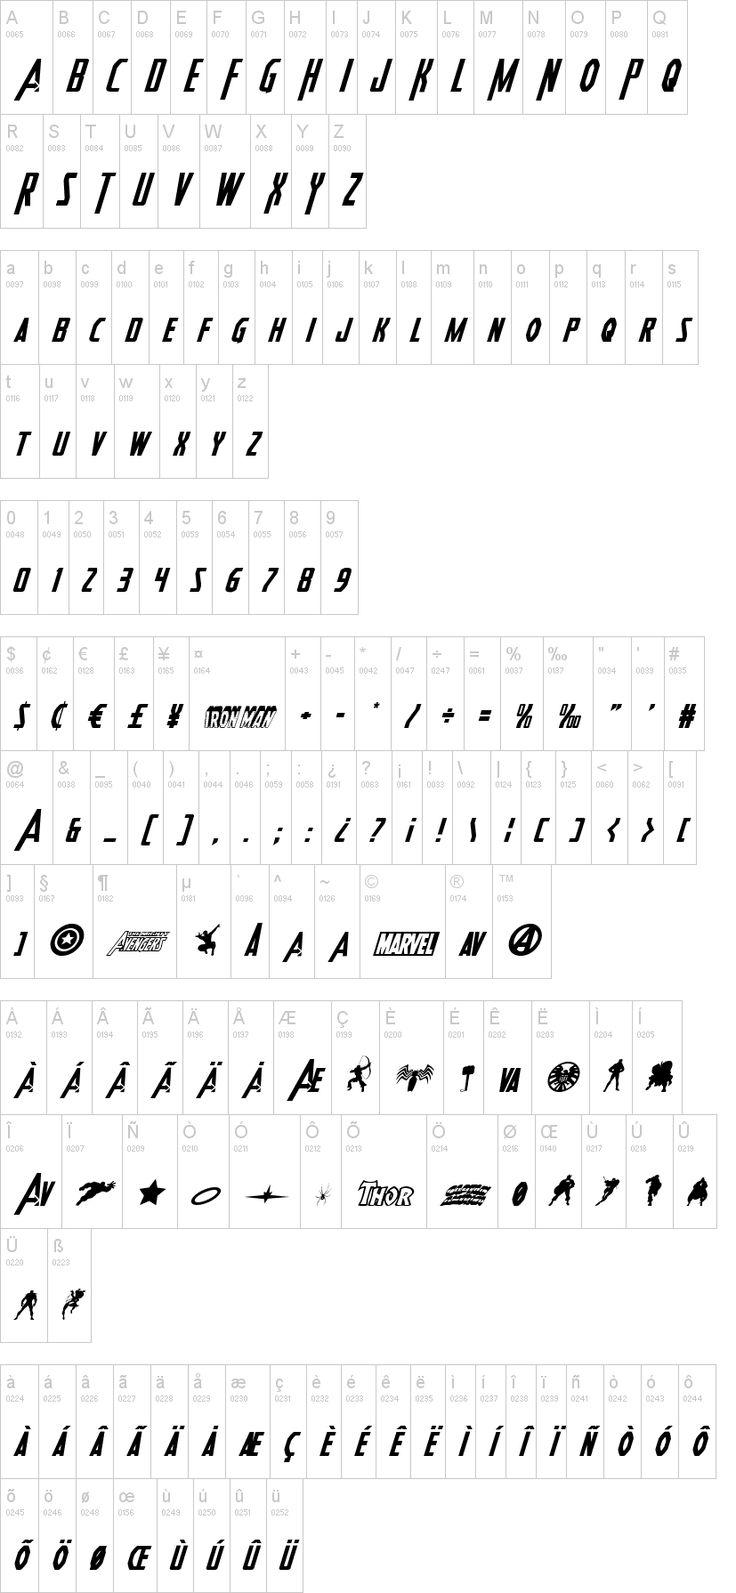 Free Avengers font download Marvel font, Lettering